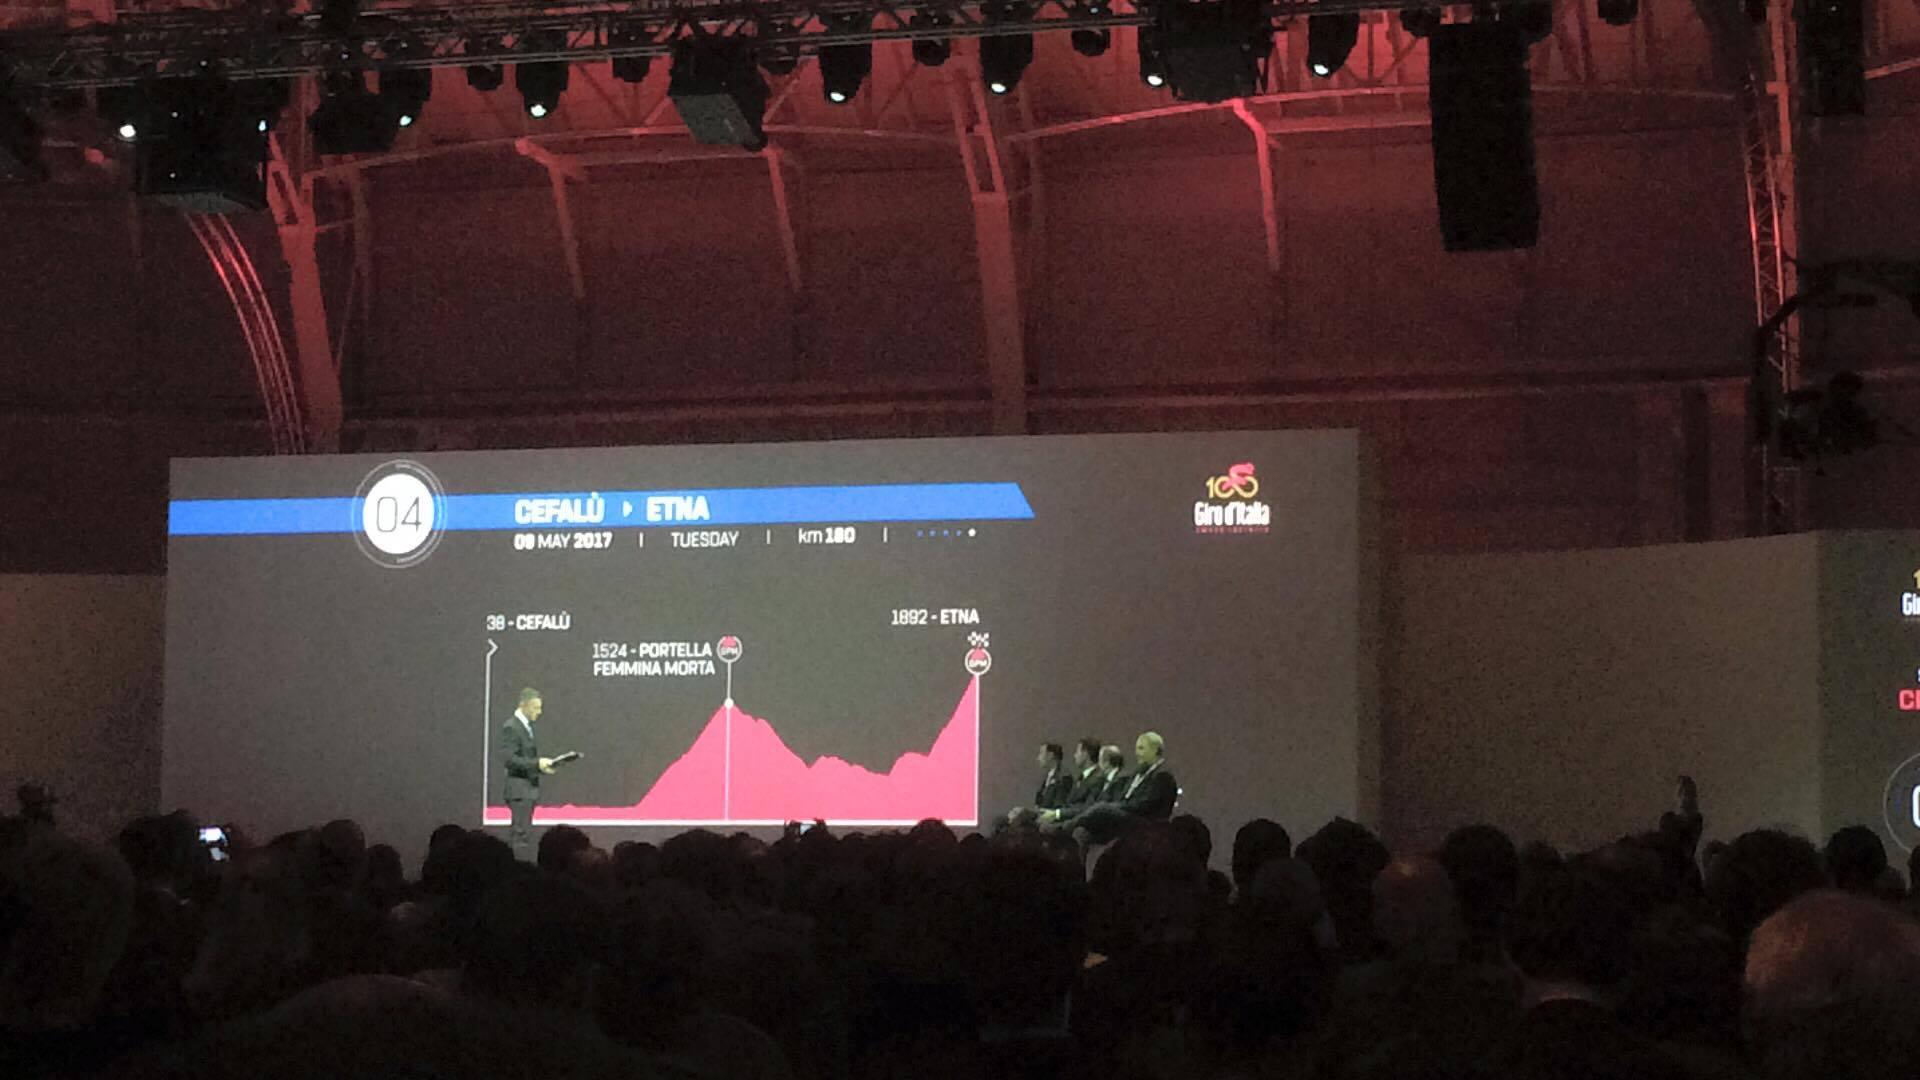 Giro d 39 italia 2017 tappe e percorso presentazione dell 39 edizione del centenario urbanpost - Tappa firenze bagno di romagna ...